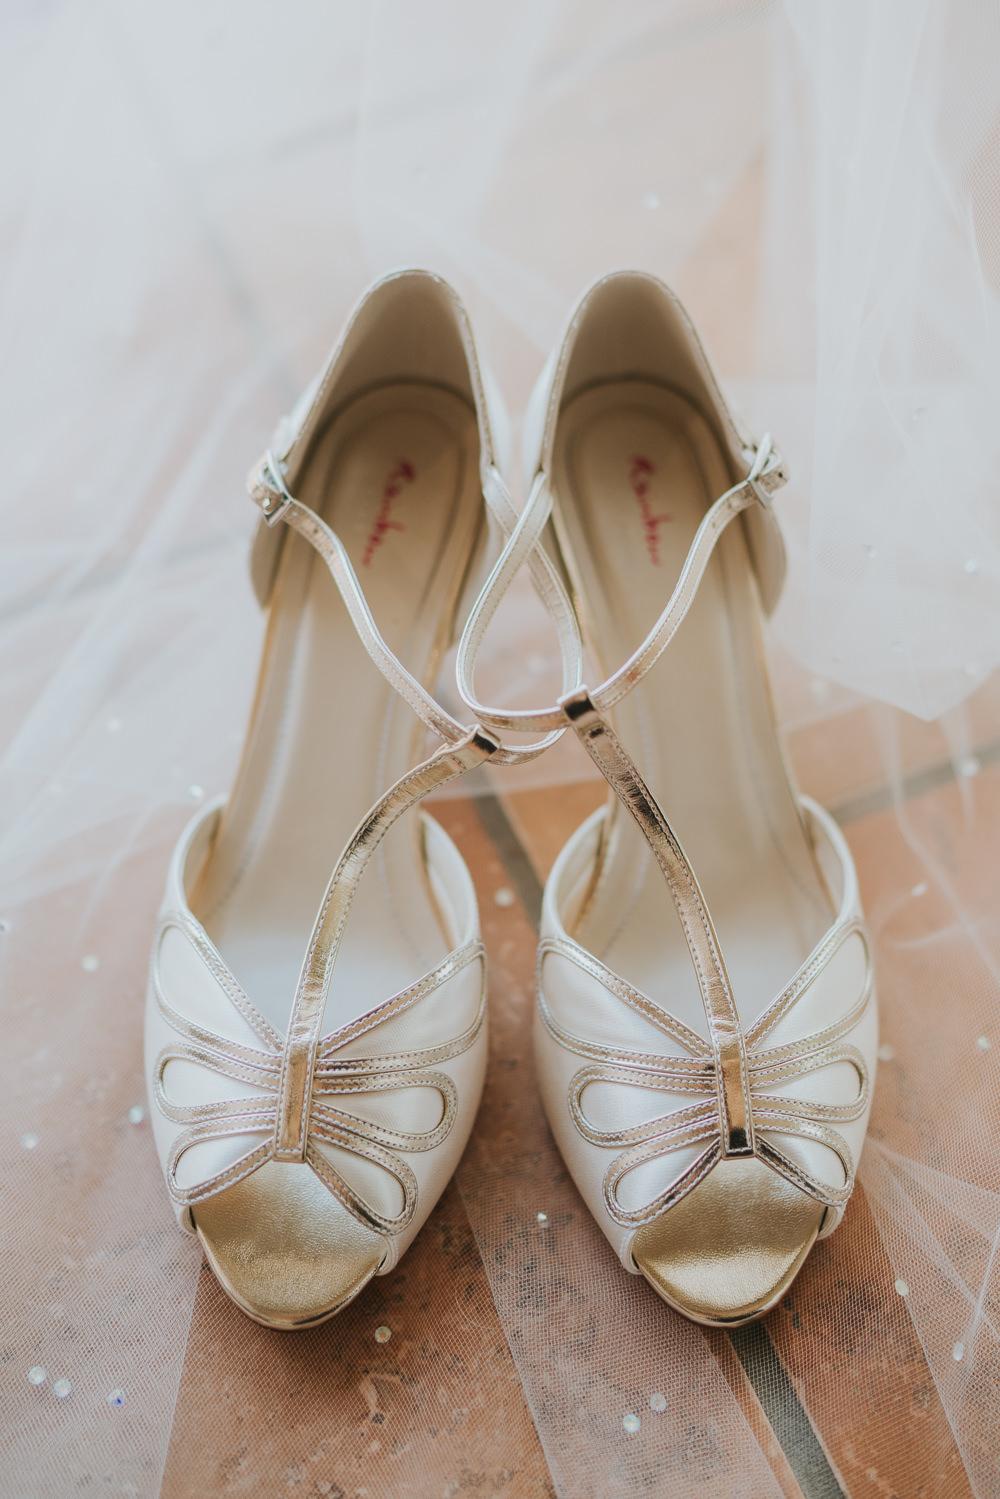 Peep Toe Shoes Bride Bridal High House Weddings Grace Elizabeth Photography